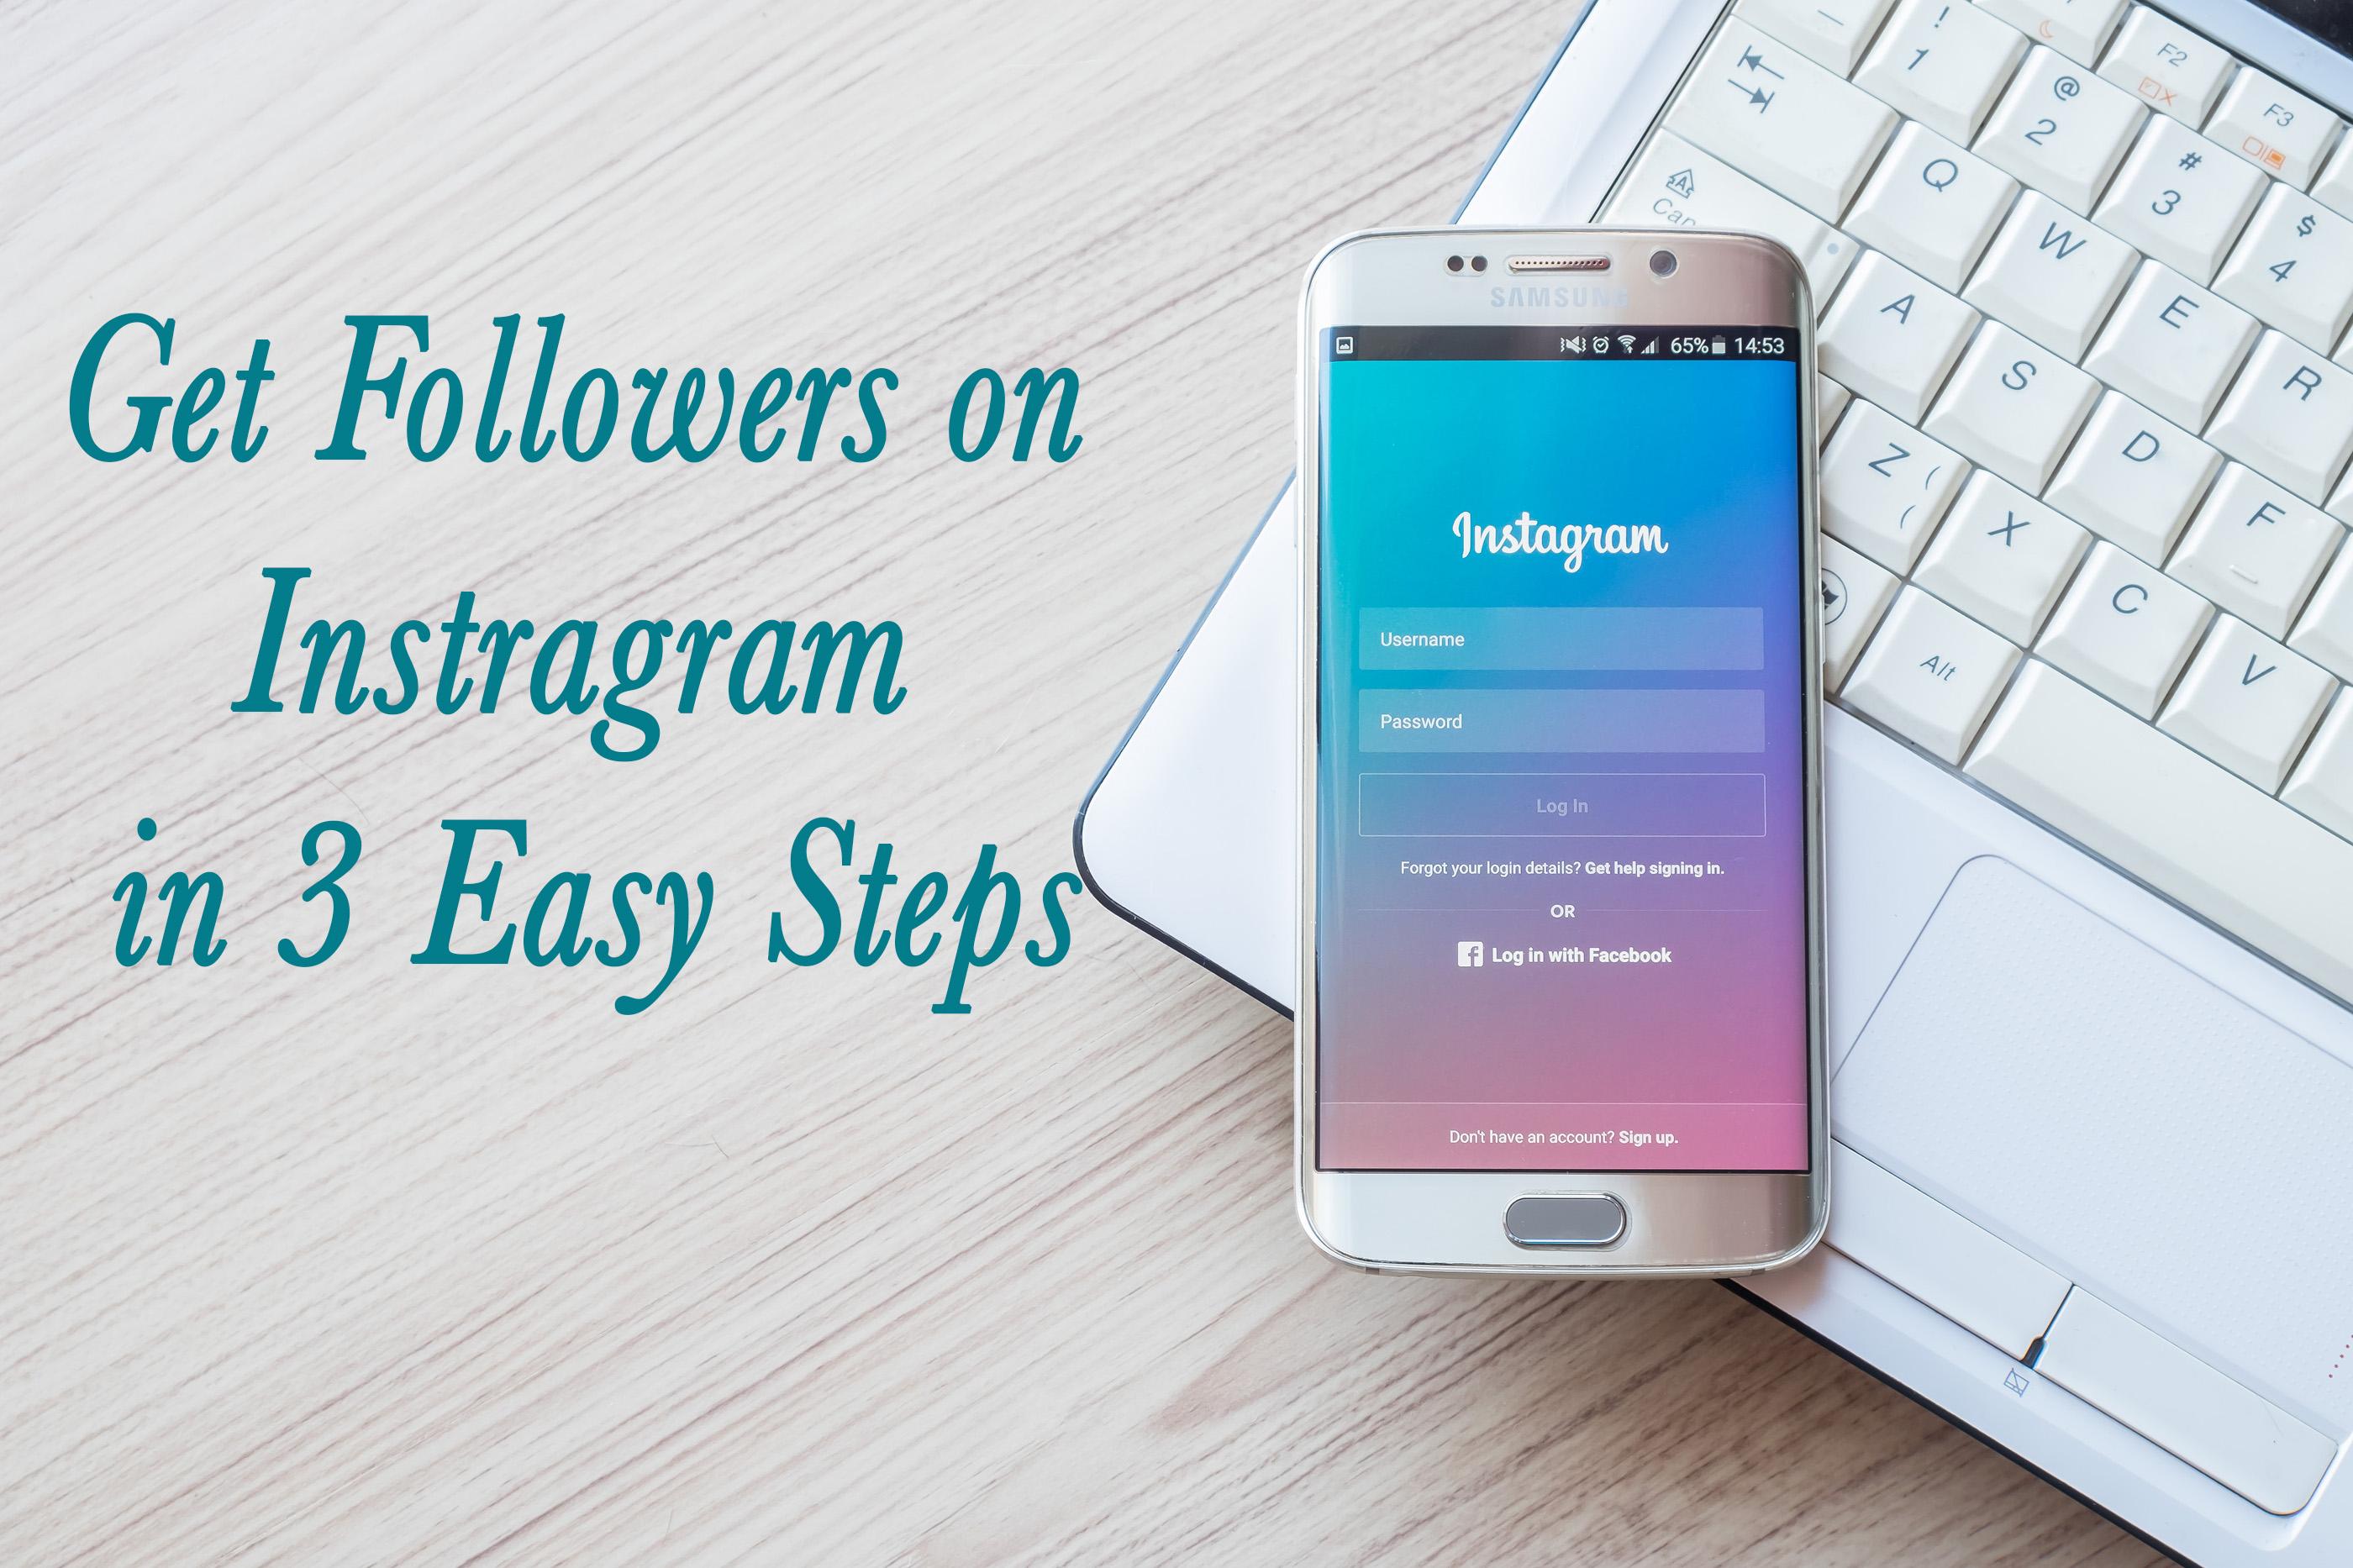 get followers on instagram